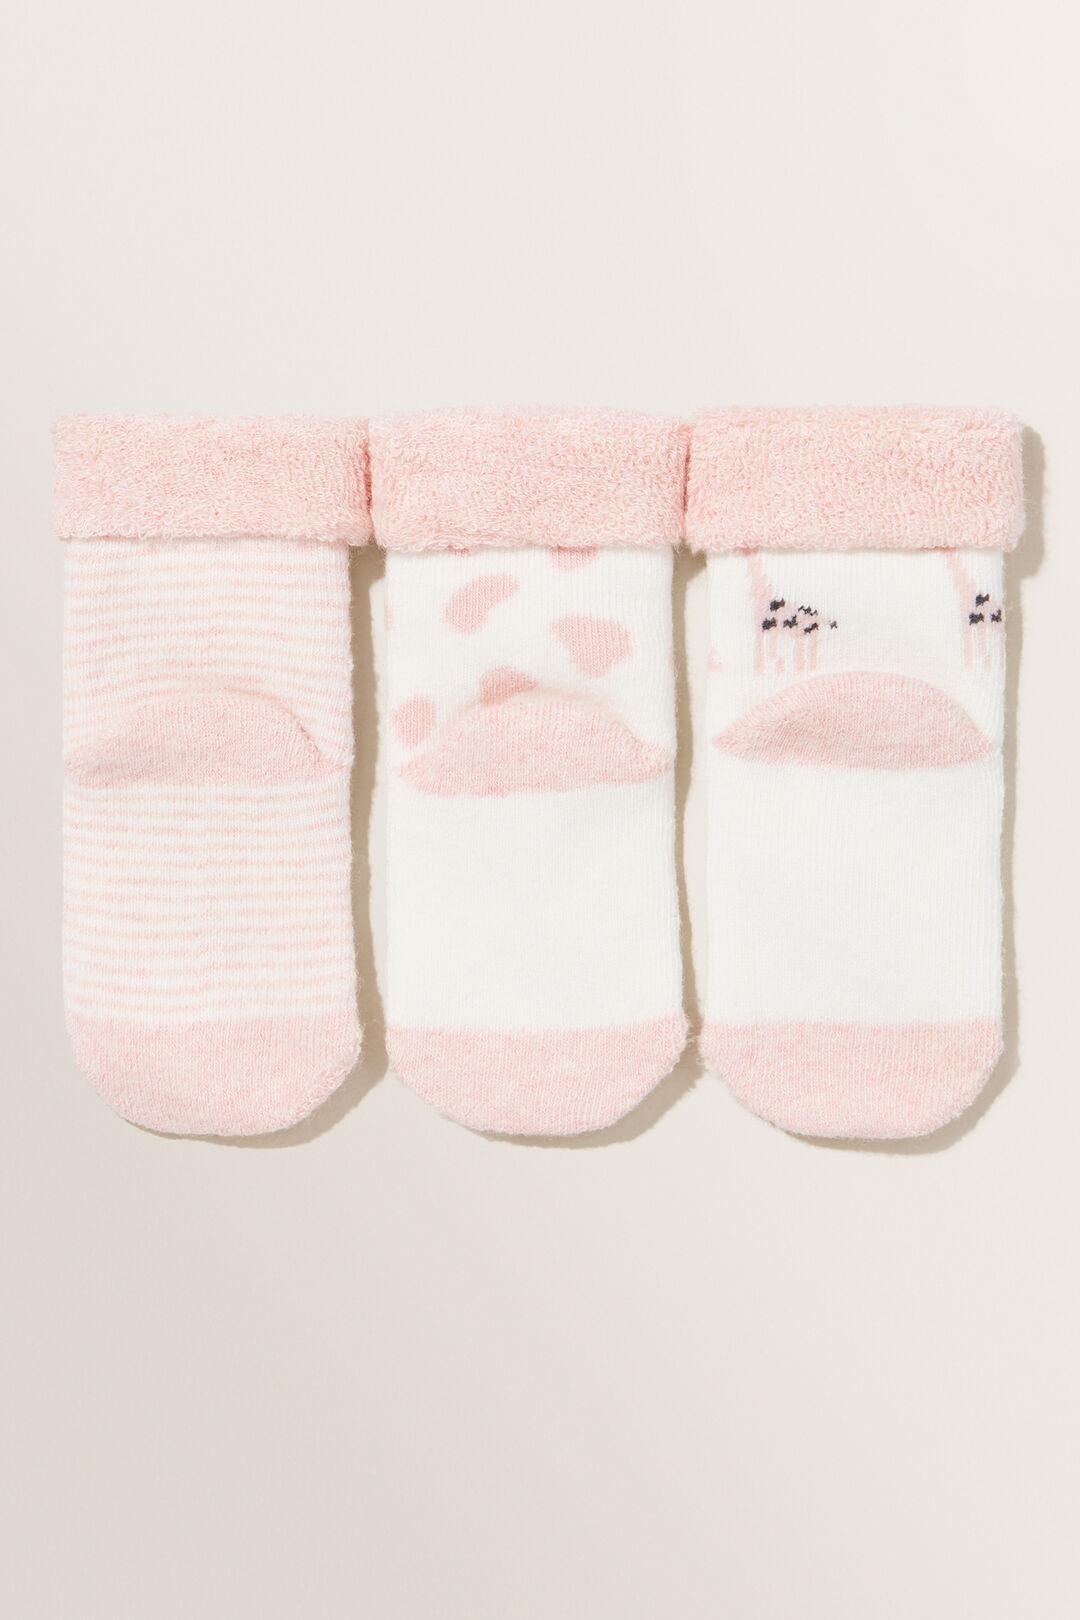 Giraffe Socks 3pk  DUSTY ROSE  hi-res